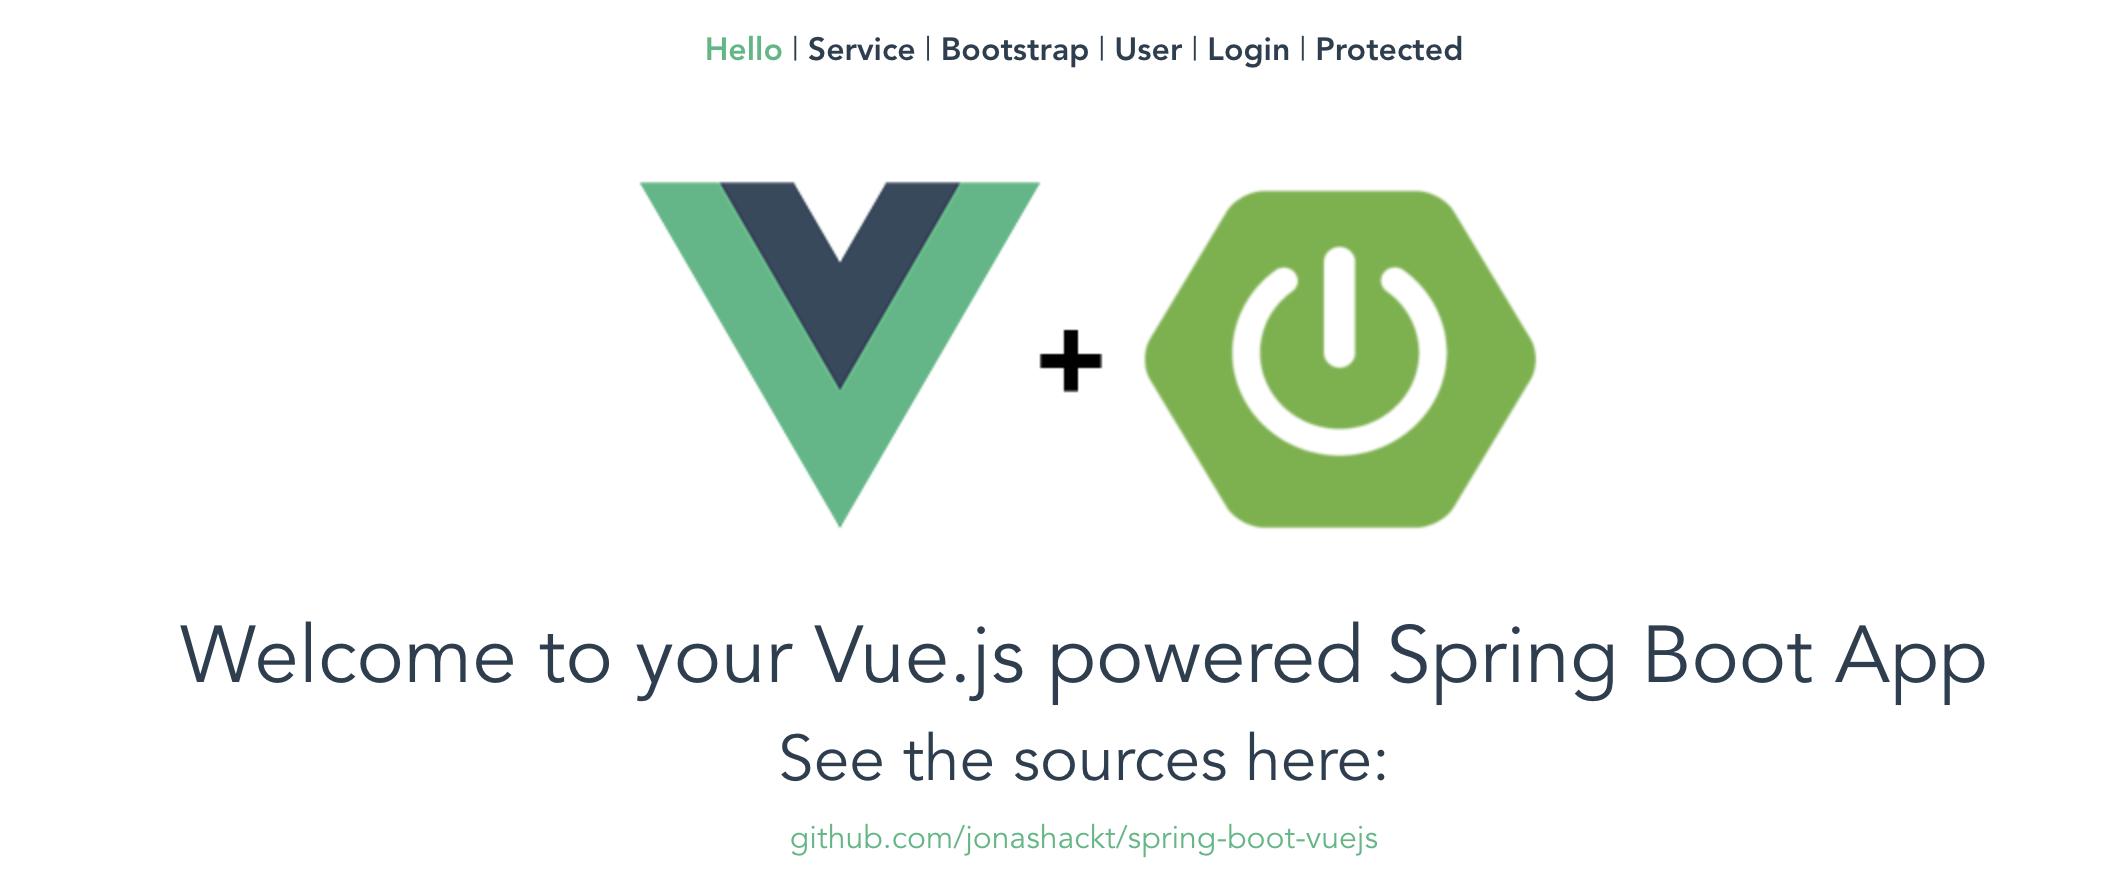 Spring-Boot-Vuejs - VueJS